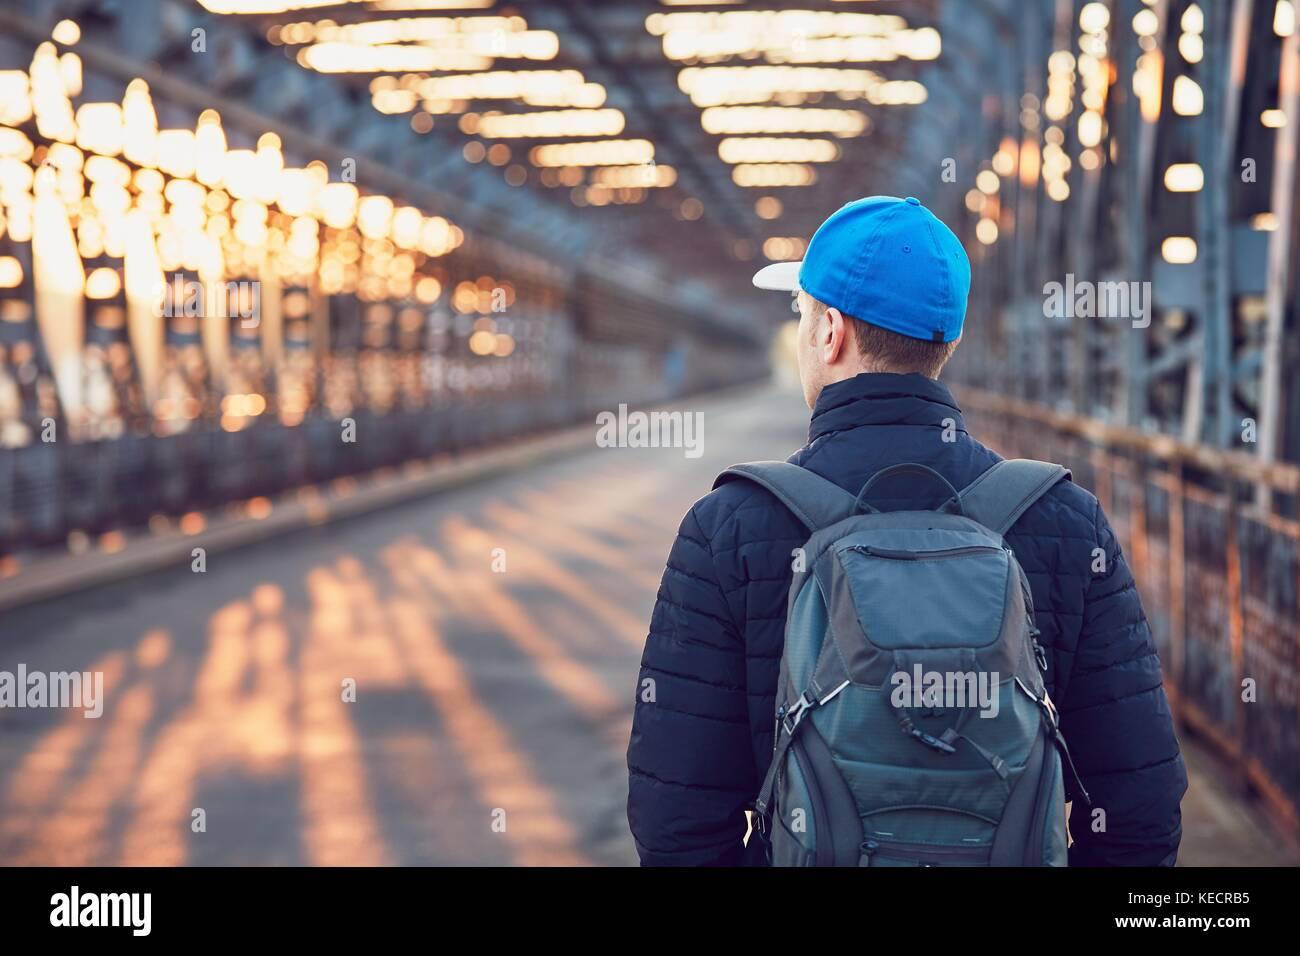 Turista con mochila caminando por el viejo puente de hierro sobre el río al amanecer. Imagen De Stock